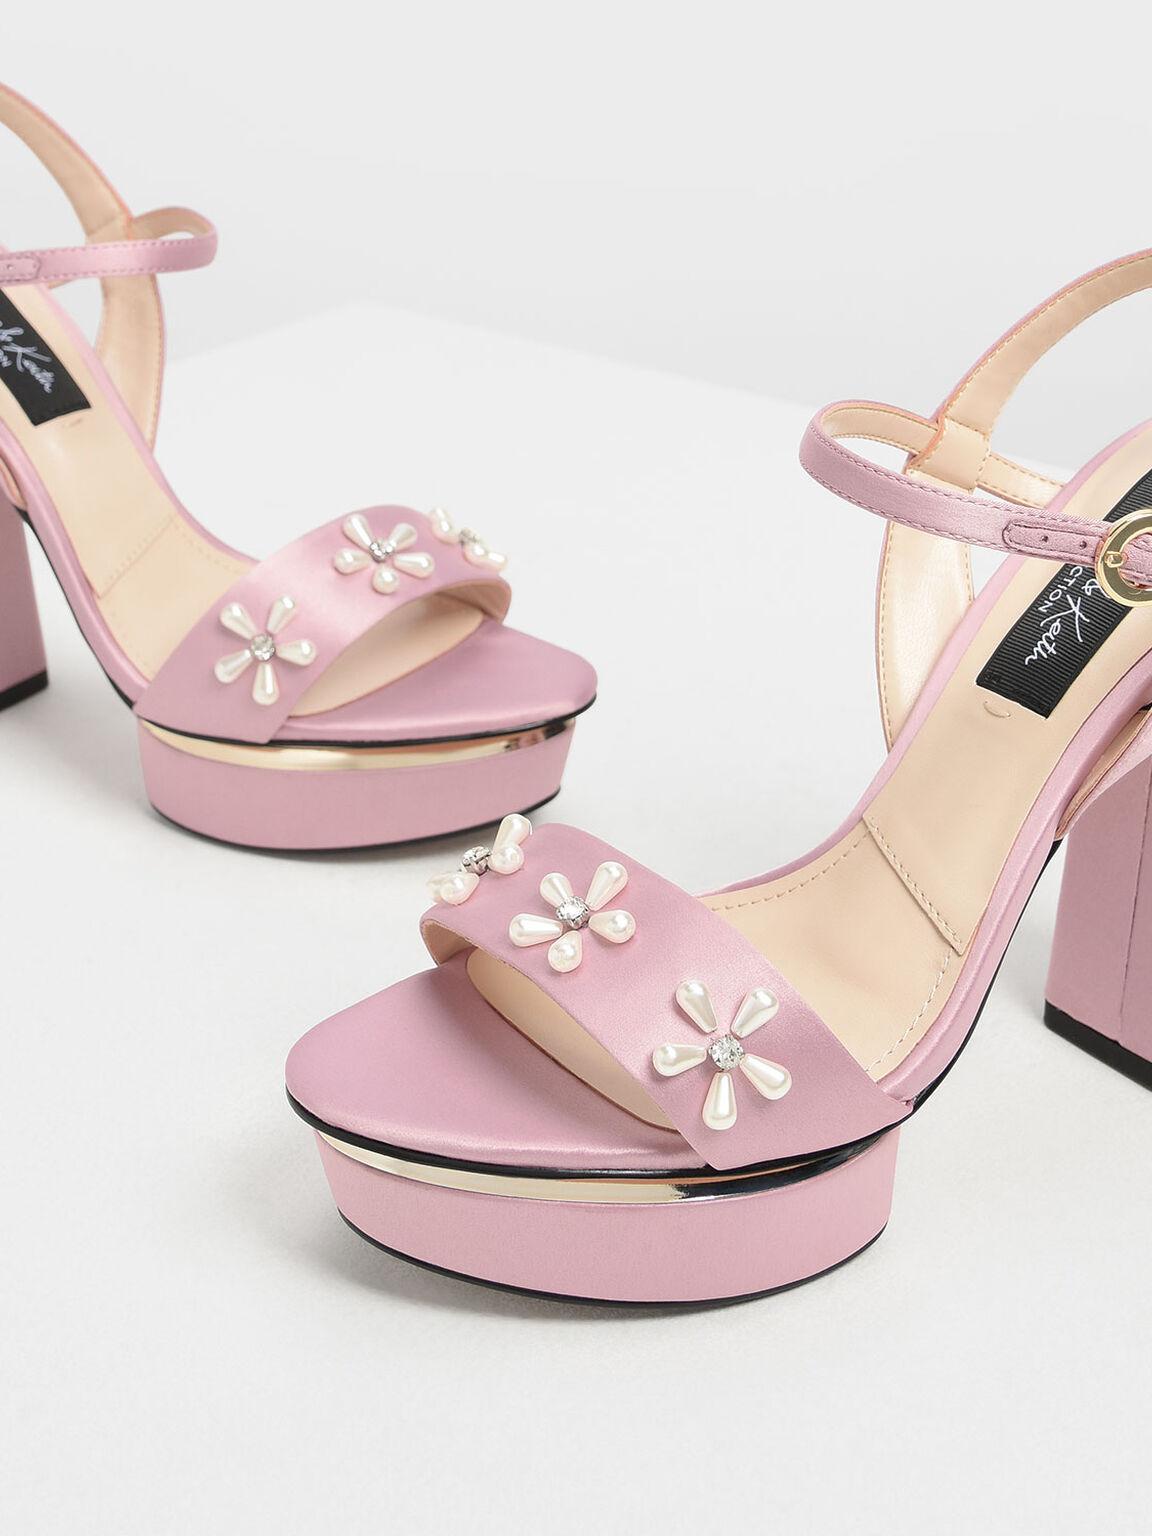 Floral Embellished Satin Platforms, Pink, hi-res